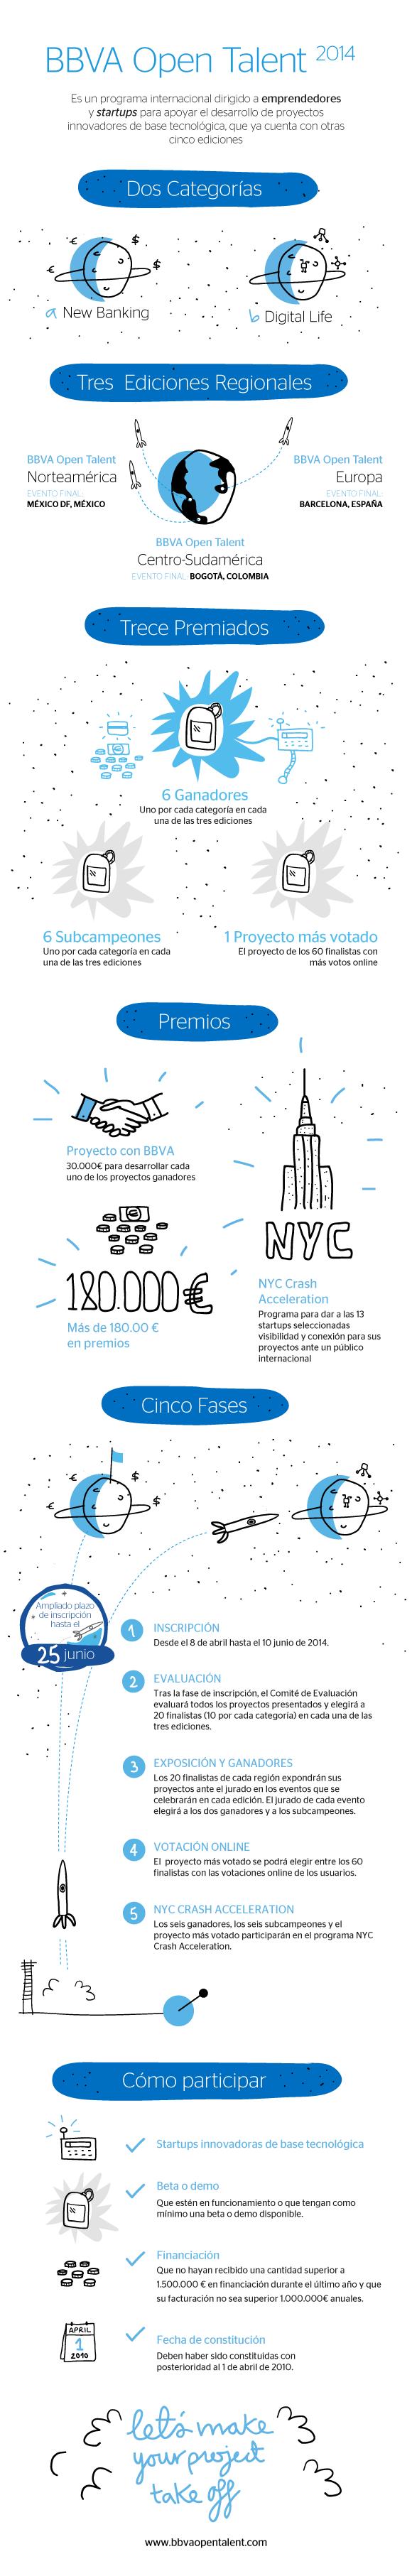 infografia_bbva_open_talent_ok_v3.pdf_content